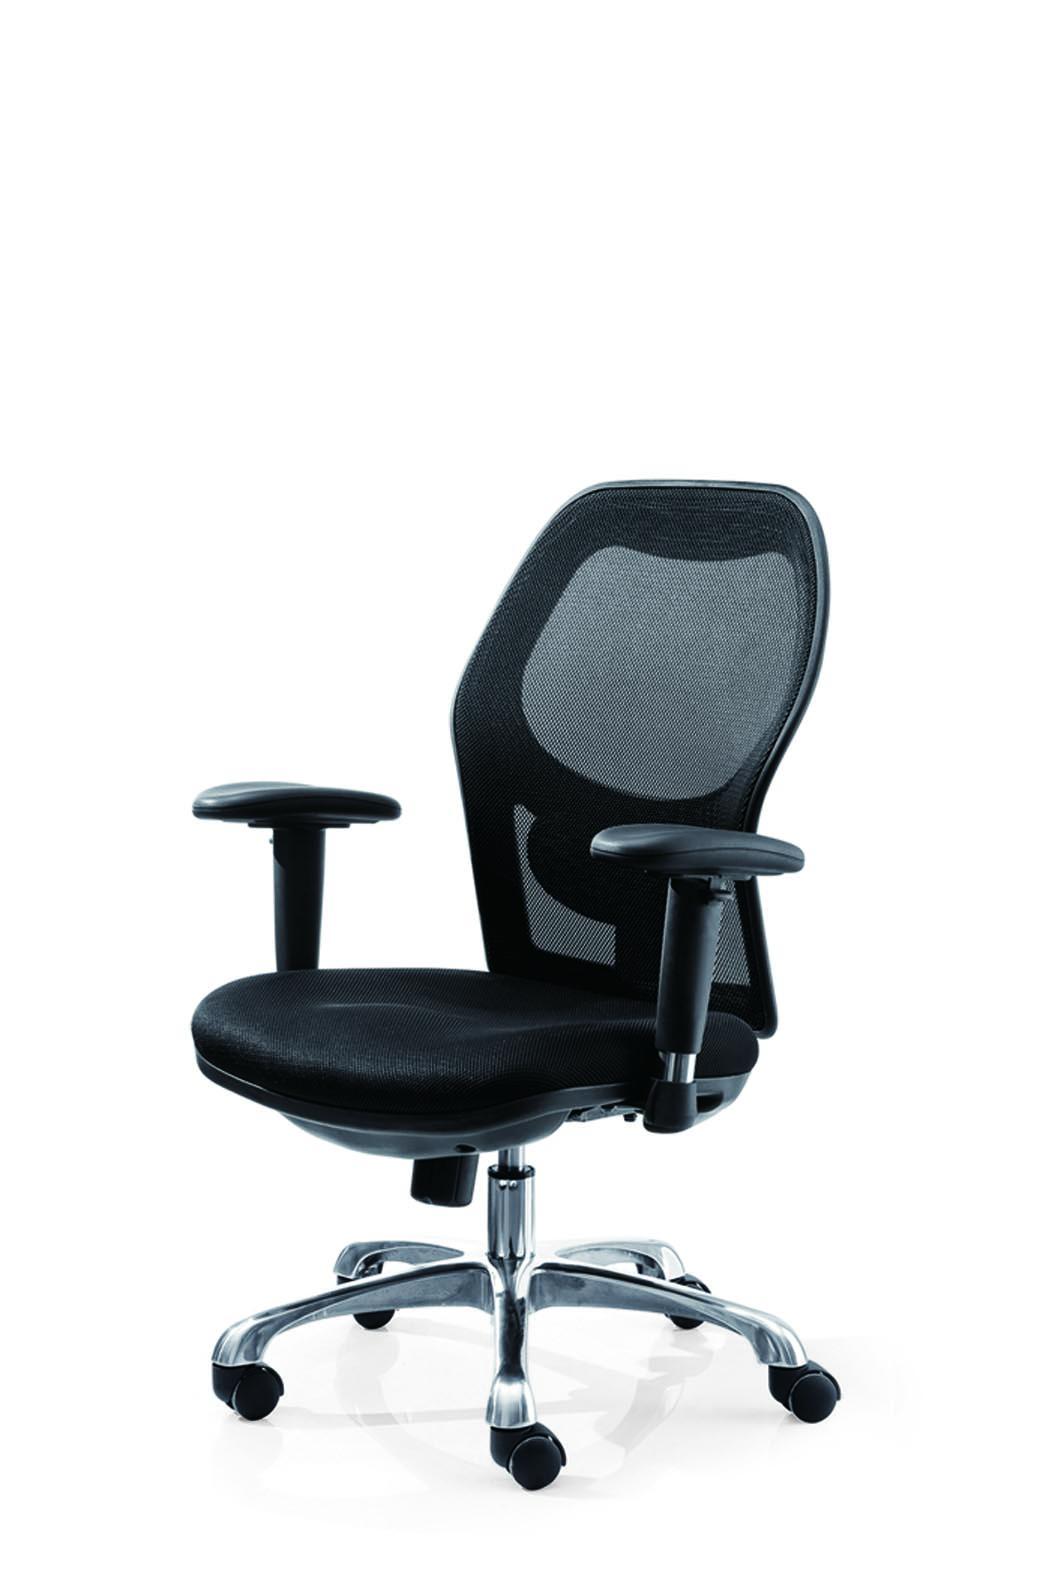 Scaun de birou ergonomic Novo S96